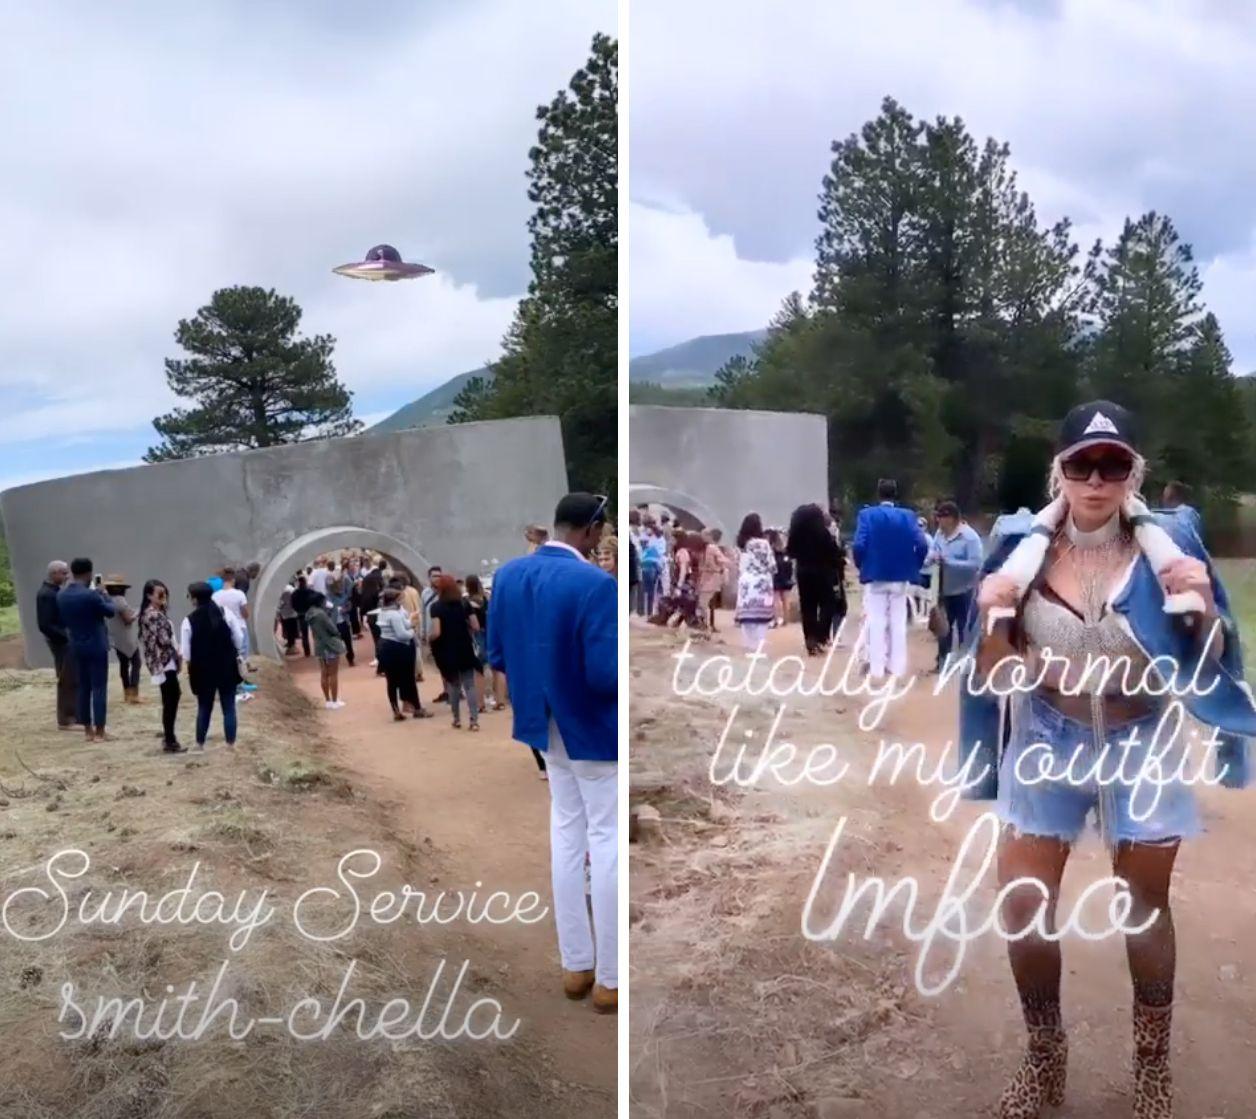 Joyce Bonelli Attends Kanye West S Sunday Service After Kardashian Rift Kanye West And Kim Celebrity Feuds Latest Celebrity News